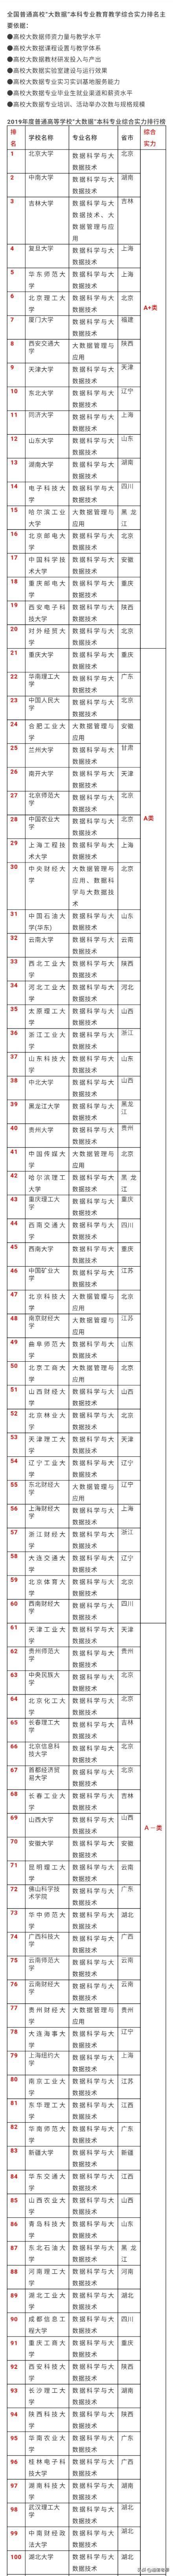 大数据专业大学排名(大数据专业全国排名)